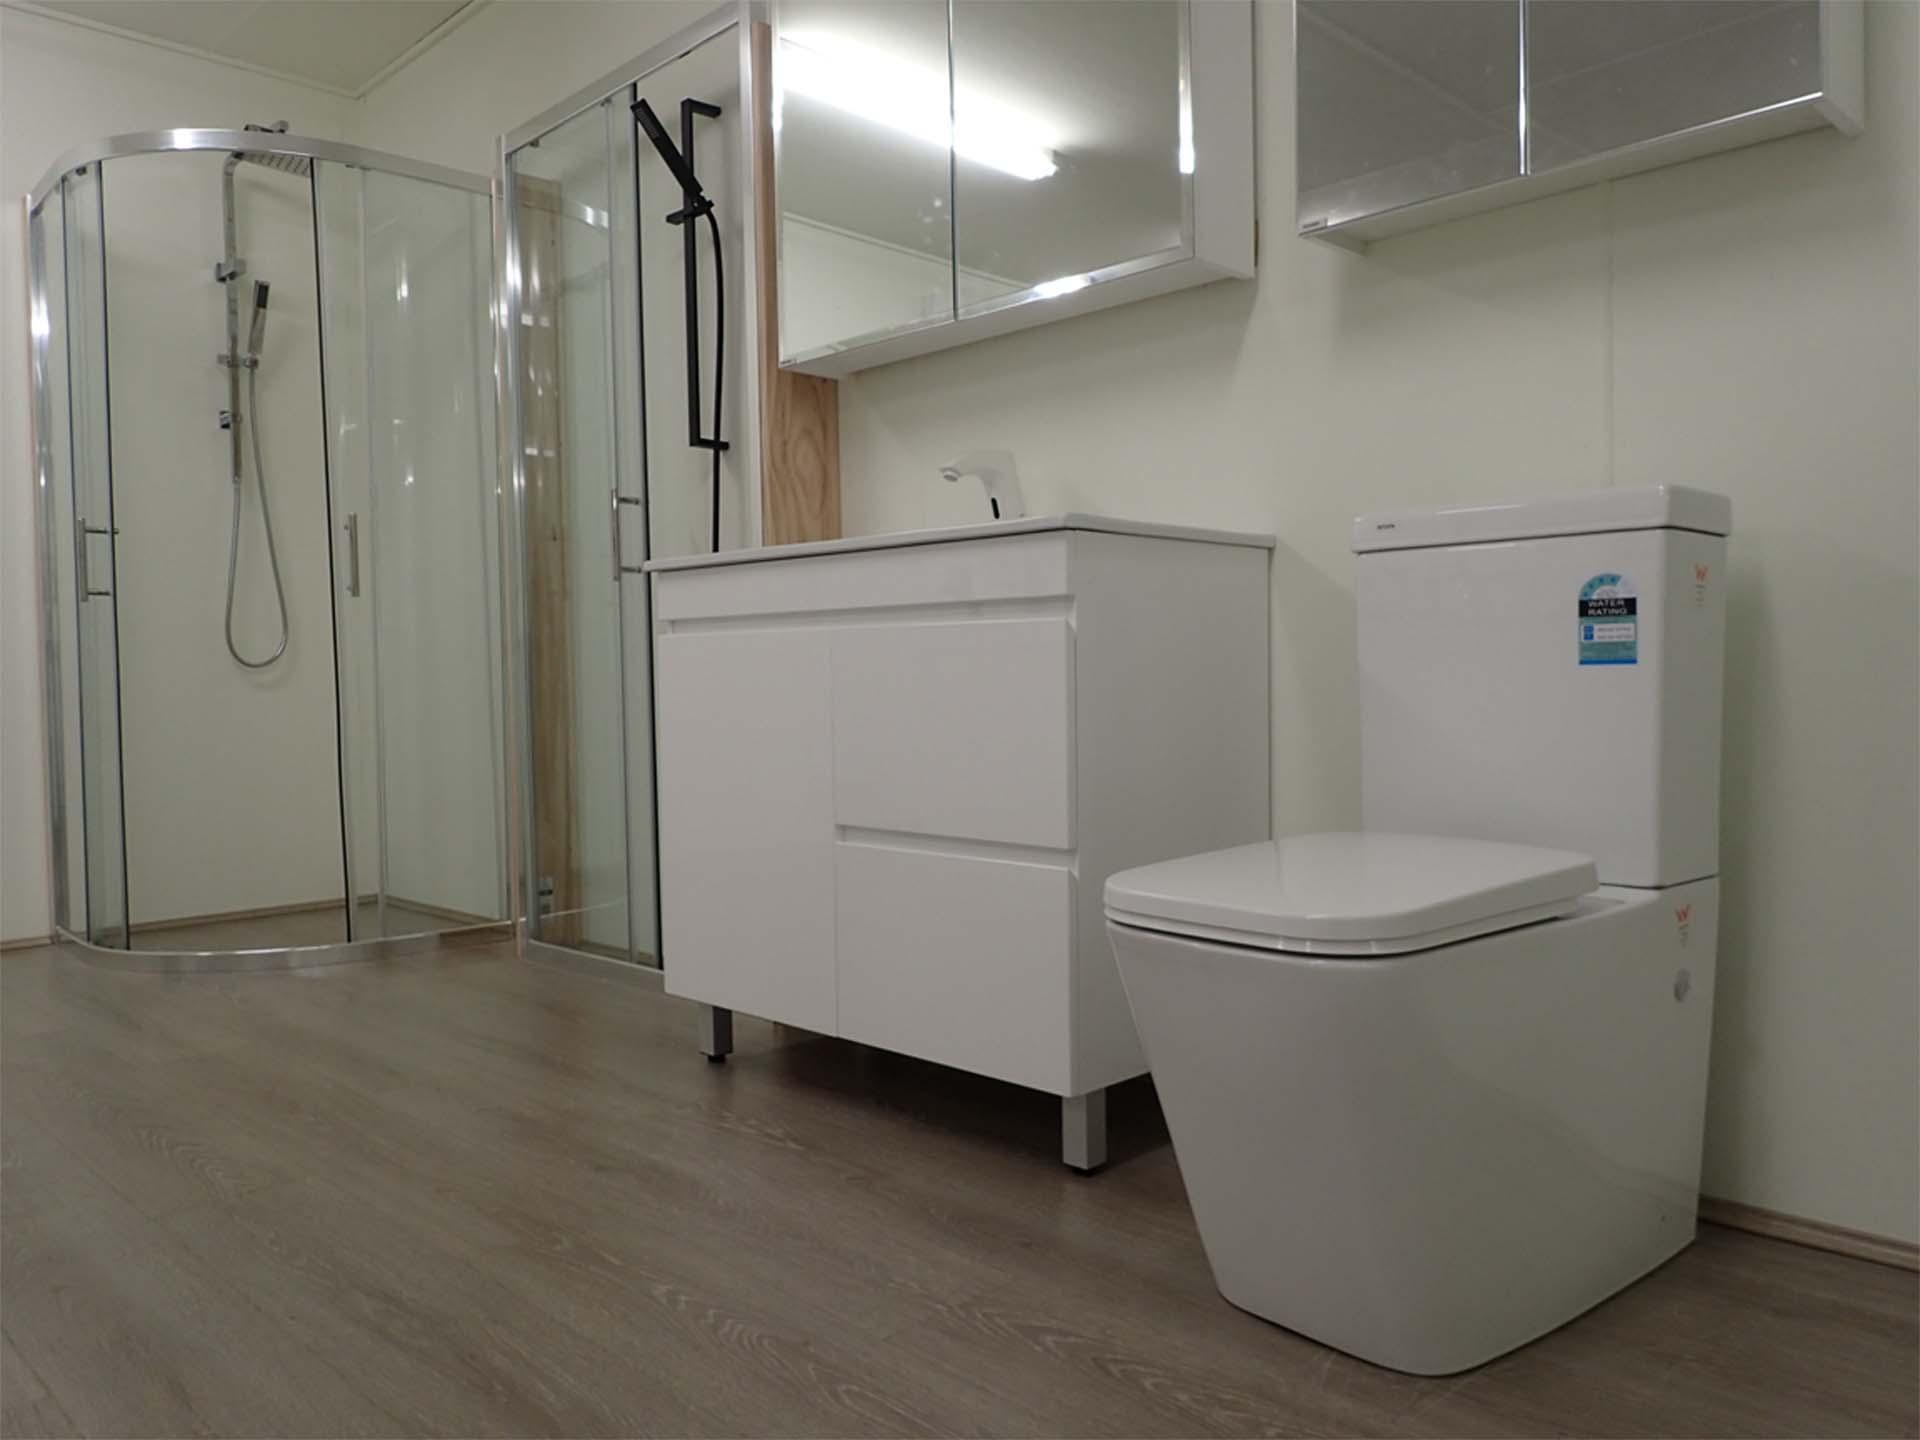 Aca 1200 900 750 600mm bathroom vanity shaving mirror for Bathroom cabinet 750